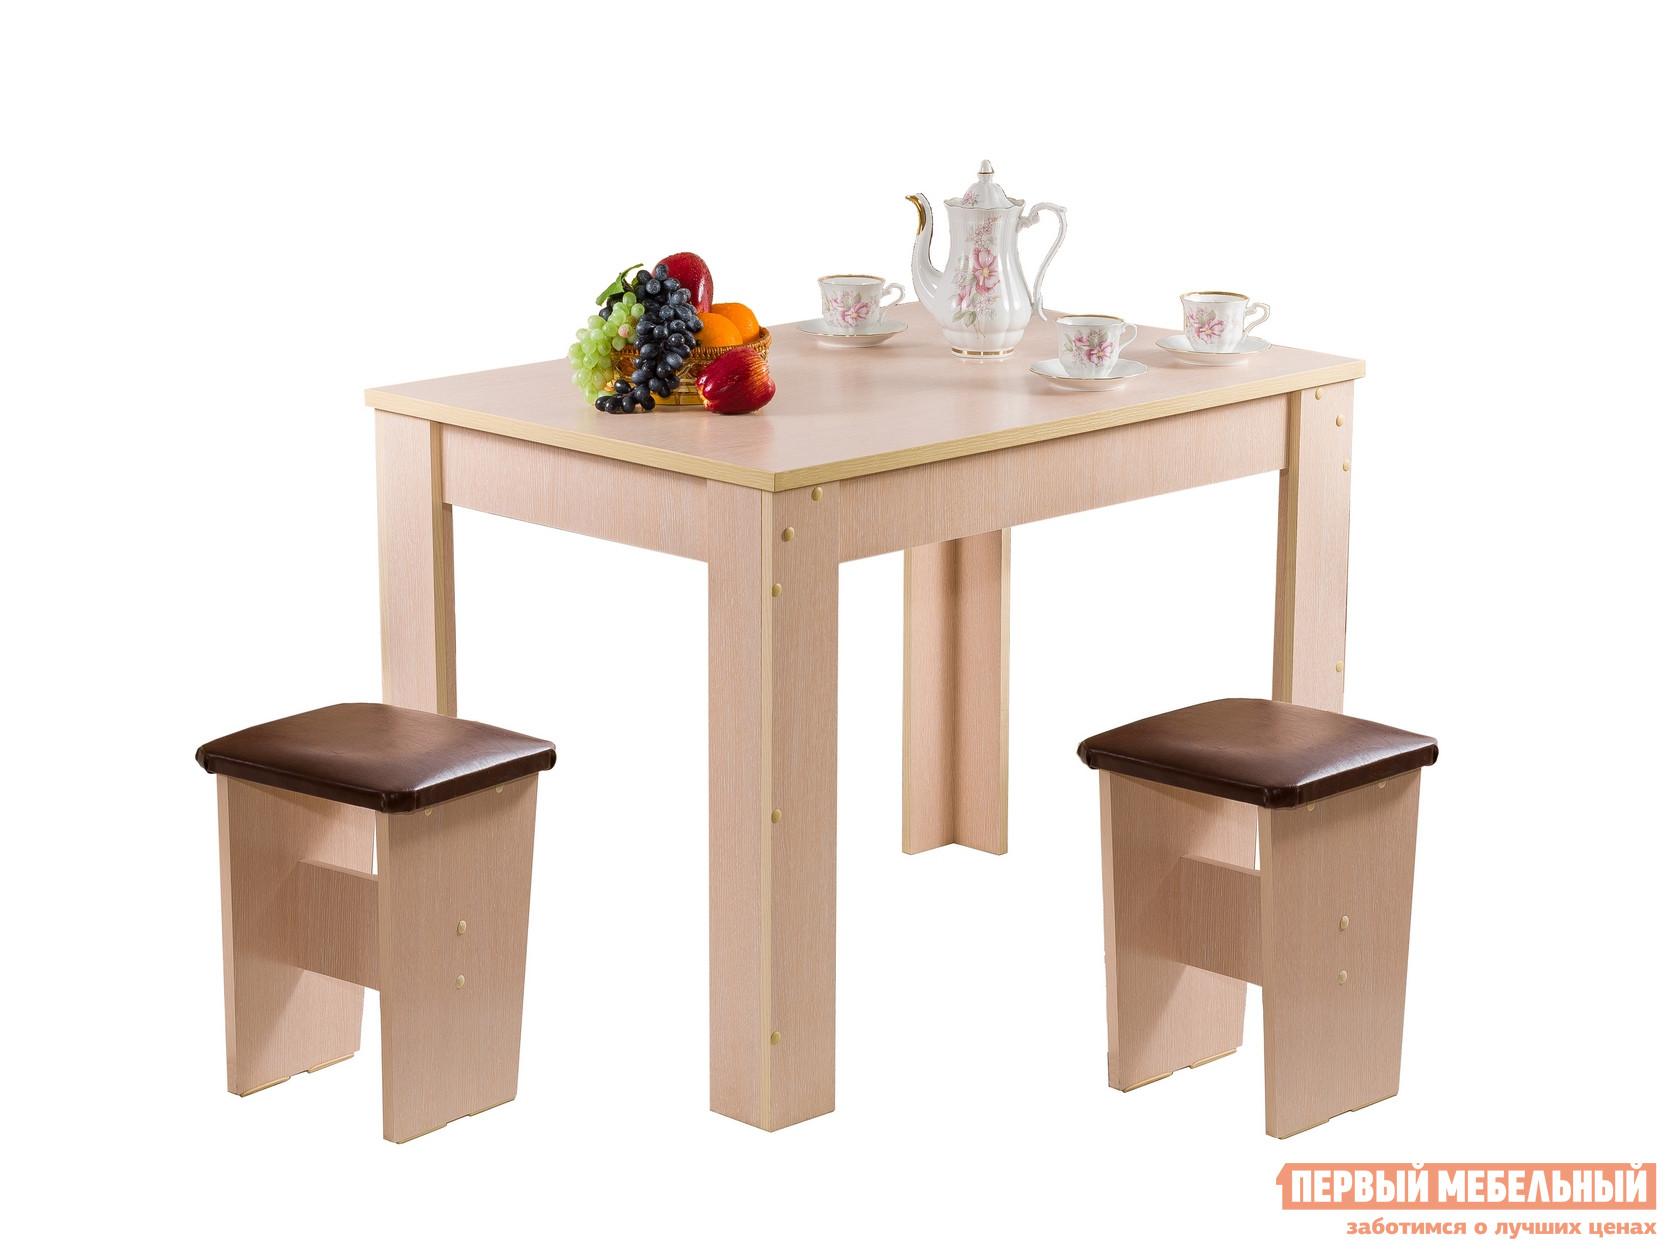 Кухонный стол Мебель Волгодонска Стол Лидер 6 Дуб молочный